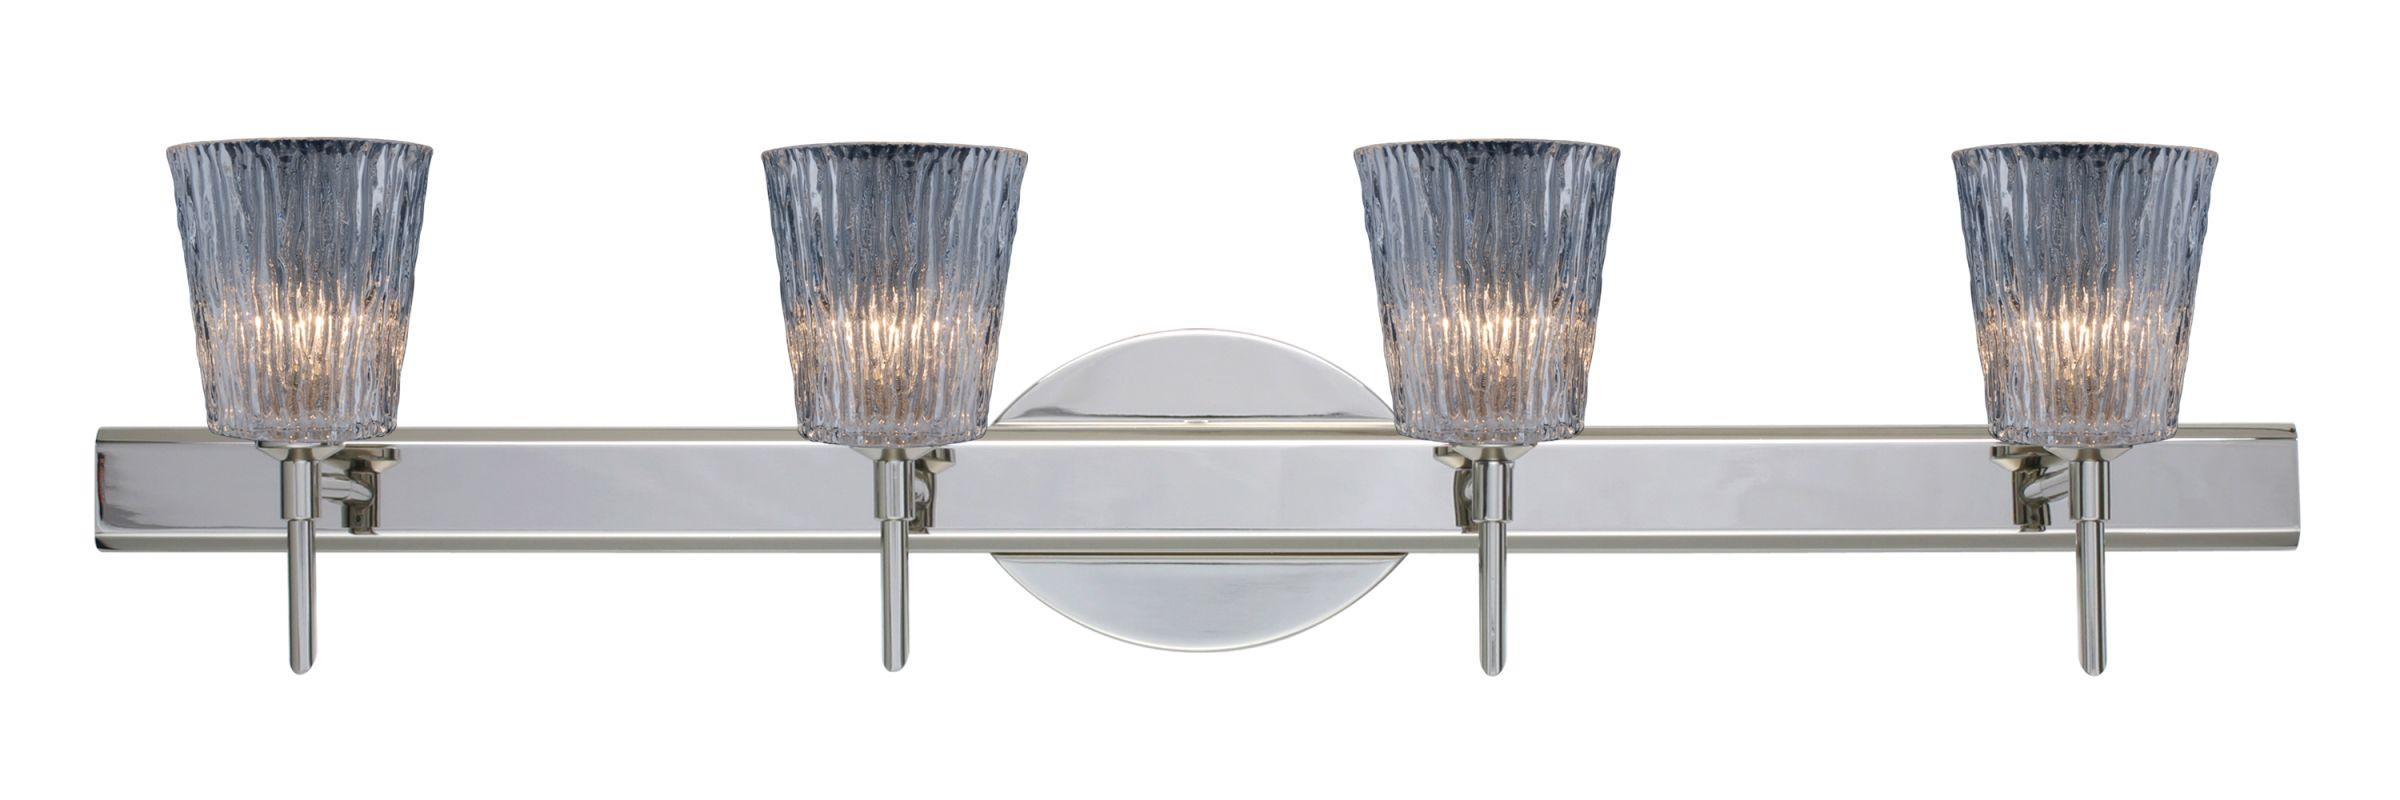 Besa Lighting 4SW-512500 Nico 4 Light Reversible Halogen Bathroom